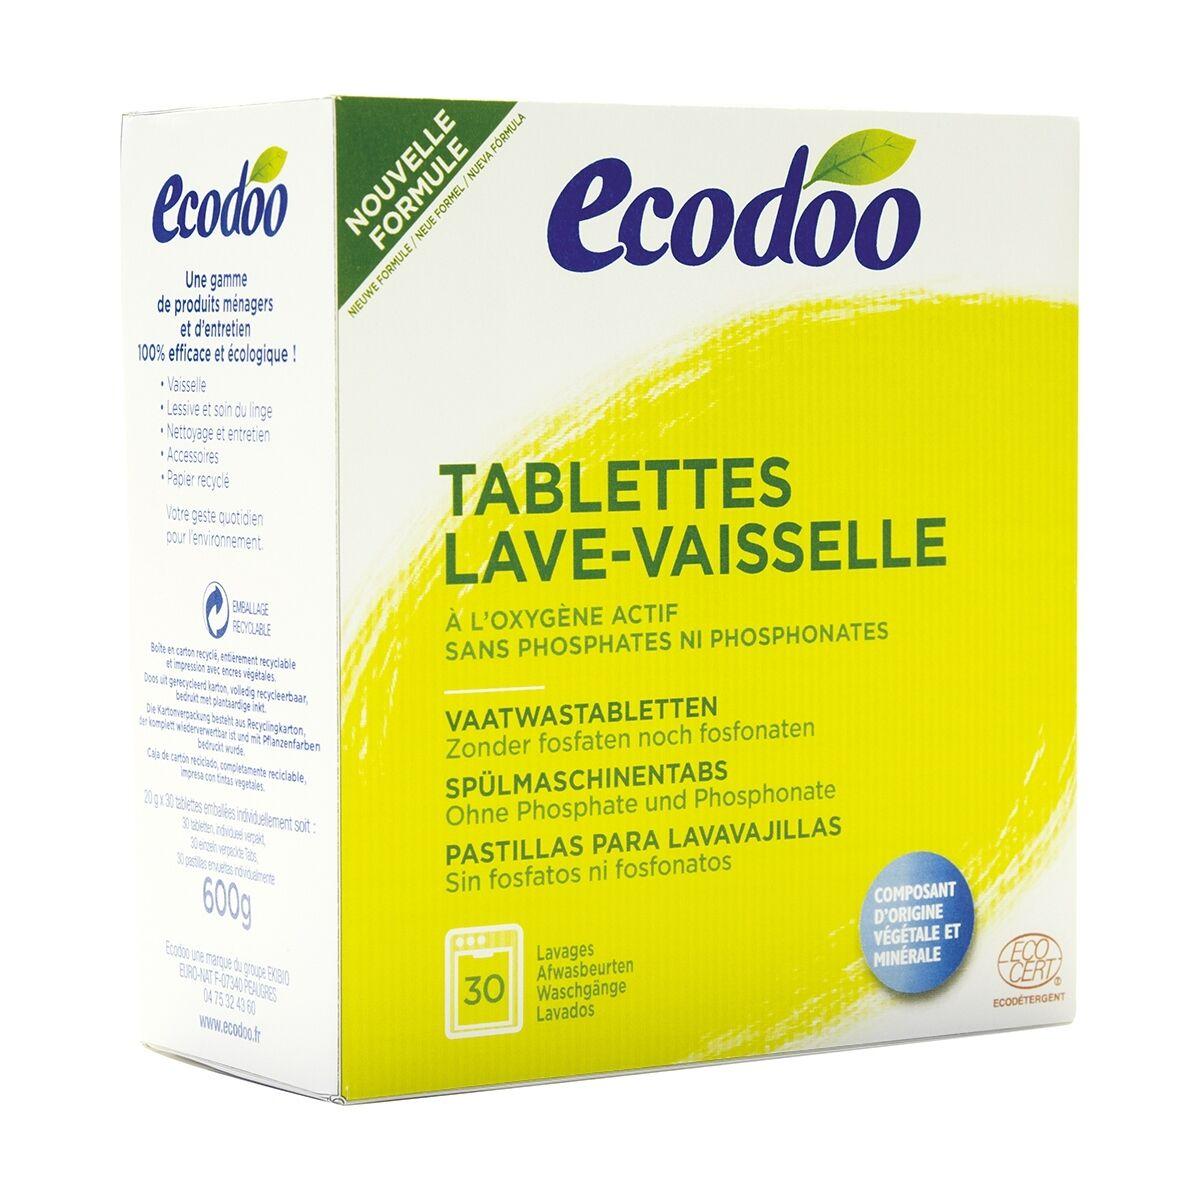 ECODOO Tablettes lave-vaisselle écologiques hydrosolubles à l'oxygène...